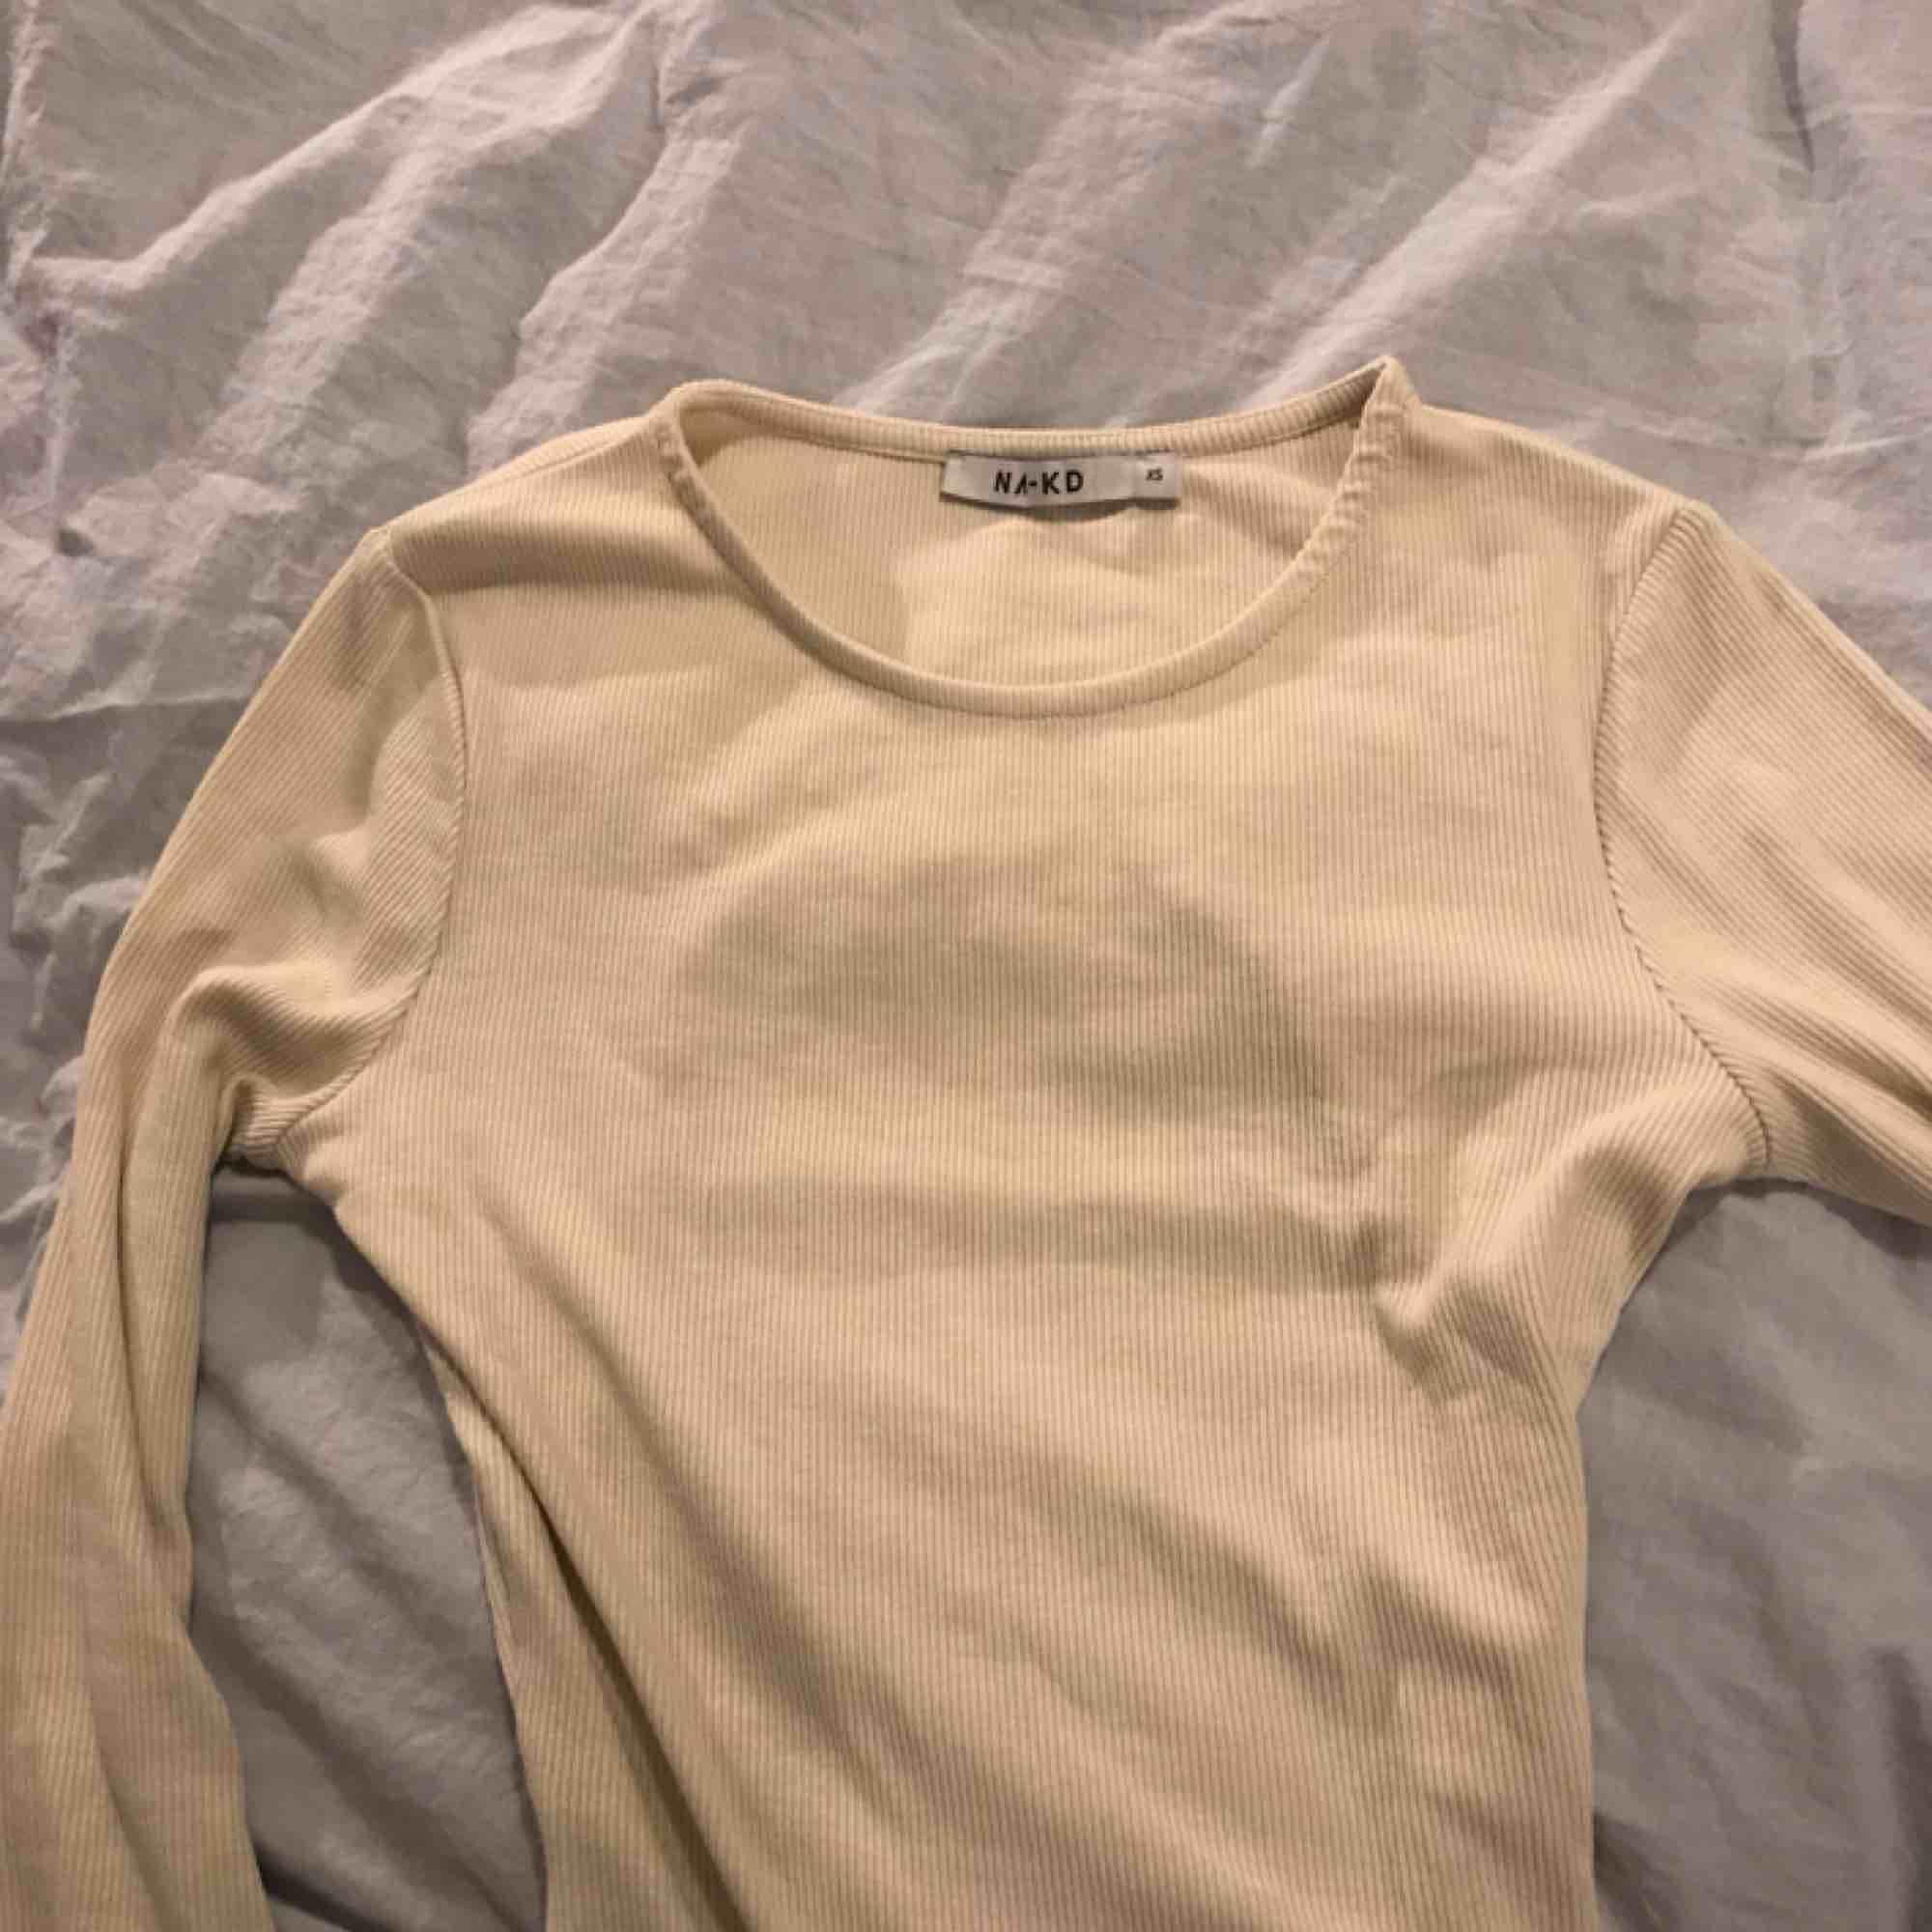 Supersnygg tröja som är öppen i ryggen, den är ribbad och ett tunt strechigt material, nypris 350 kr. Säljer pga den inte kommer till någon användning. Skjortor.